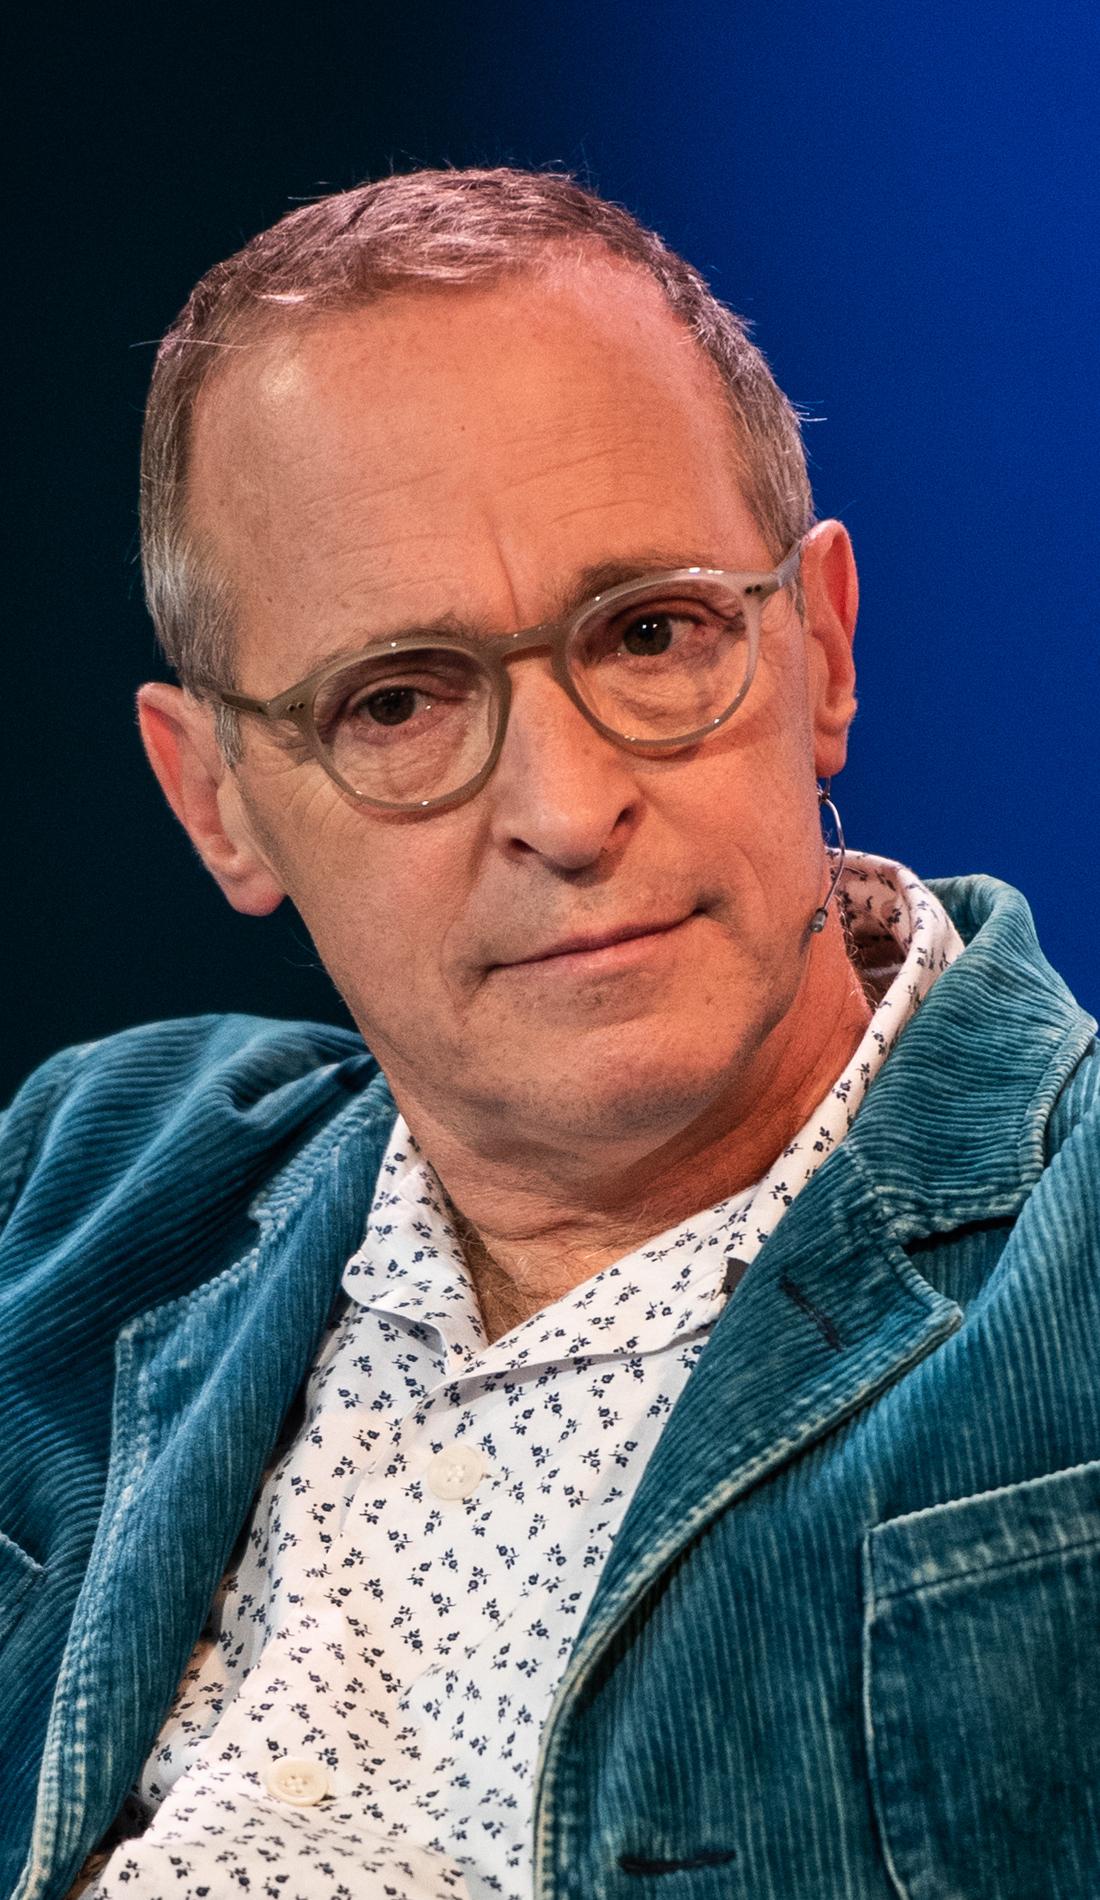 A David Sedaris live event